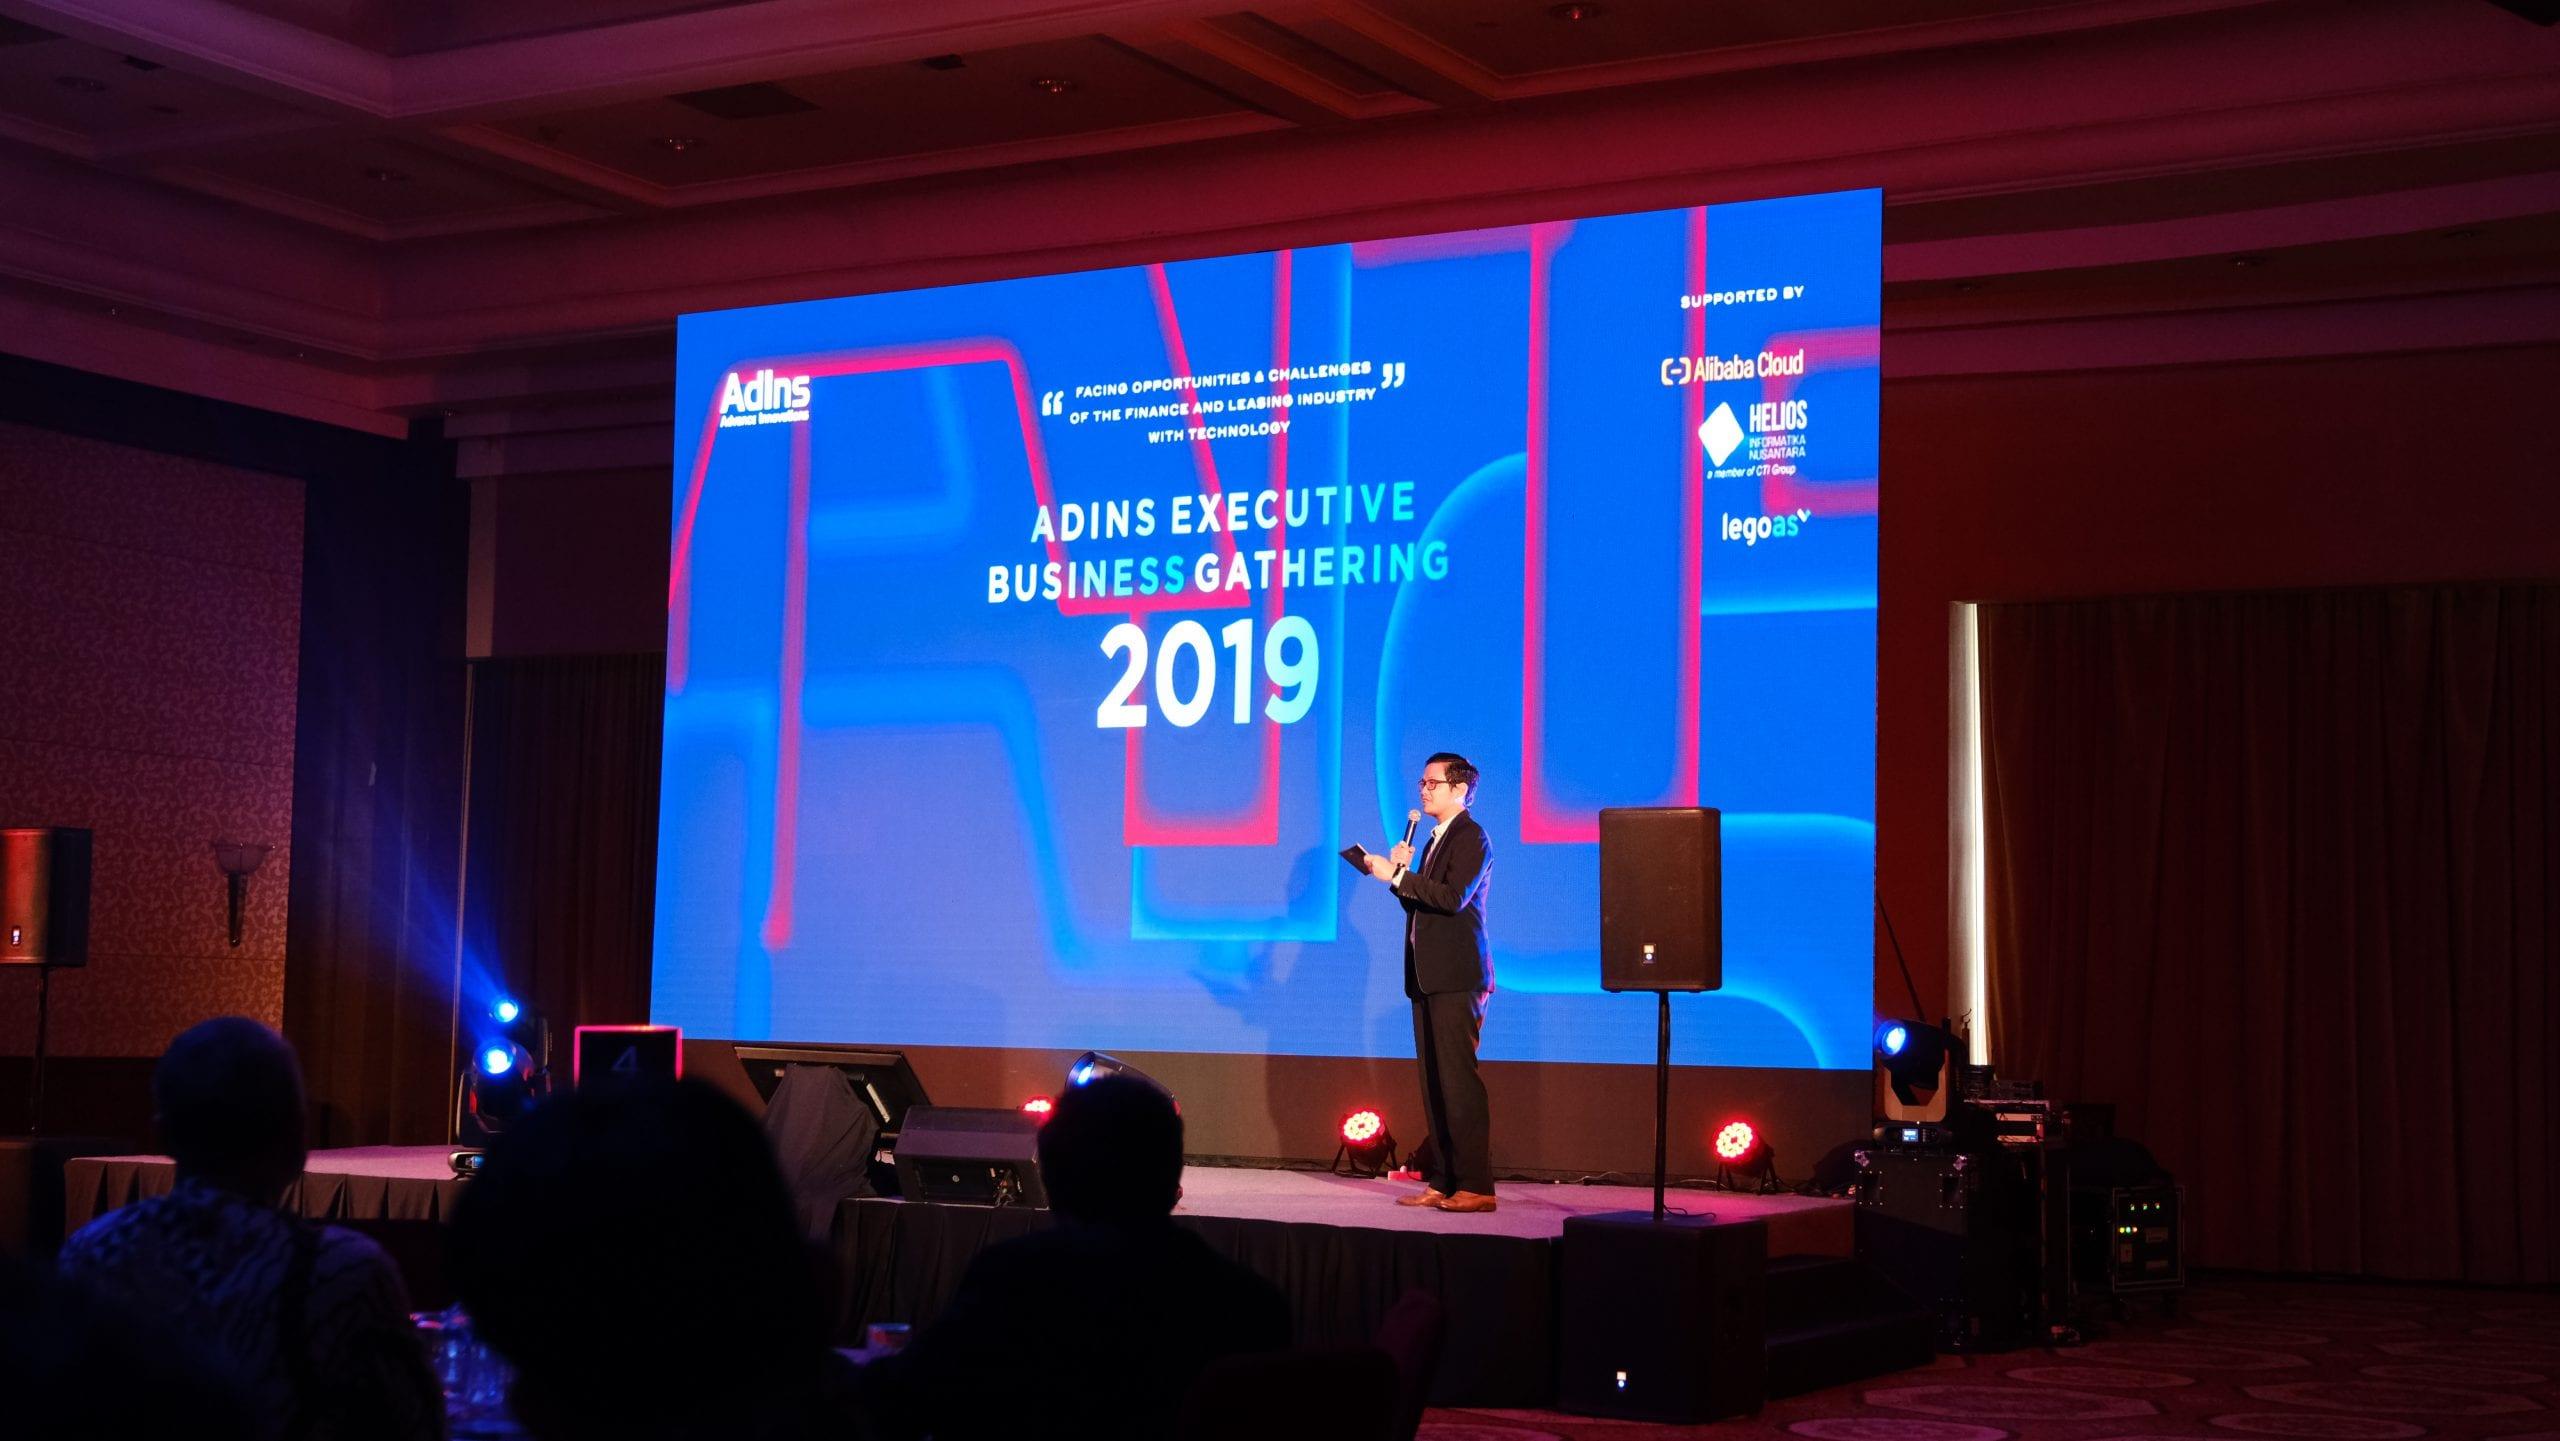 meningkatkan bisnis, Era Digital, AdIns Adakan Seminar AdIns Executive Business Gathering 2019 Bagi untuk Peningkatan Bisnis dan Teknologi Berkelanjutan, Advance Innovations